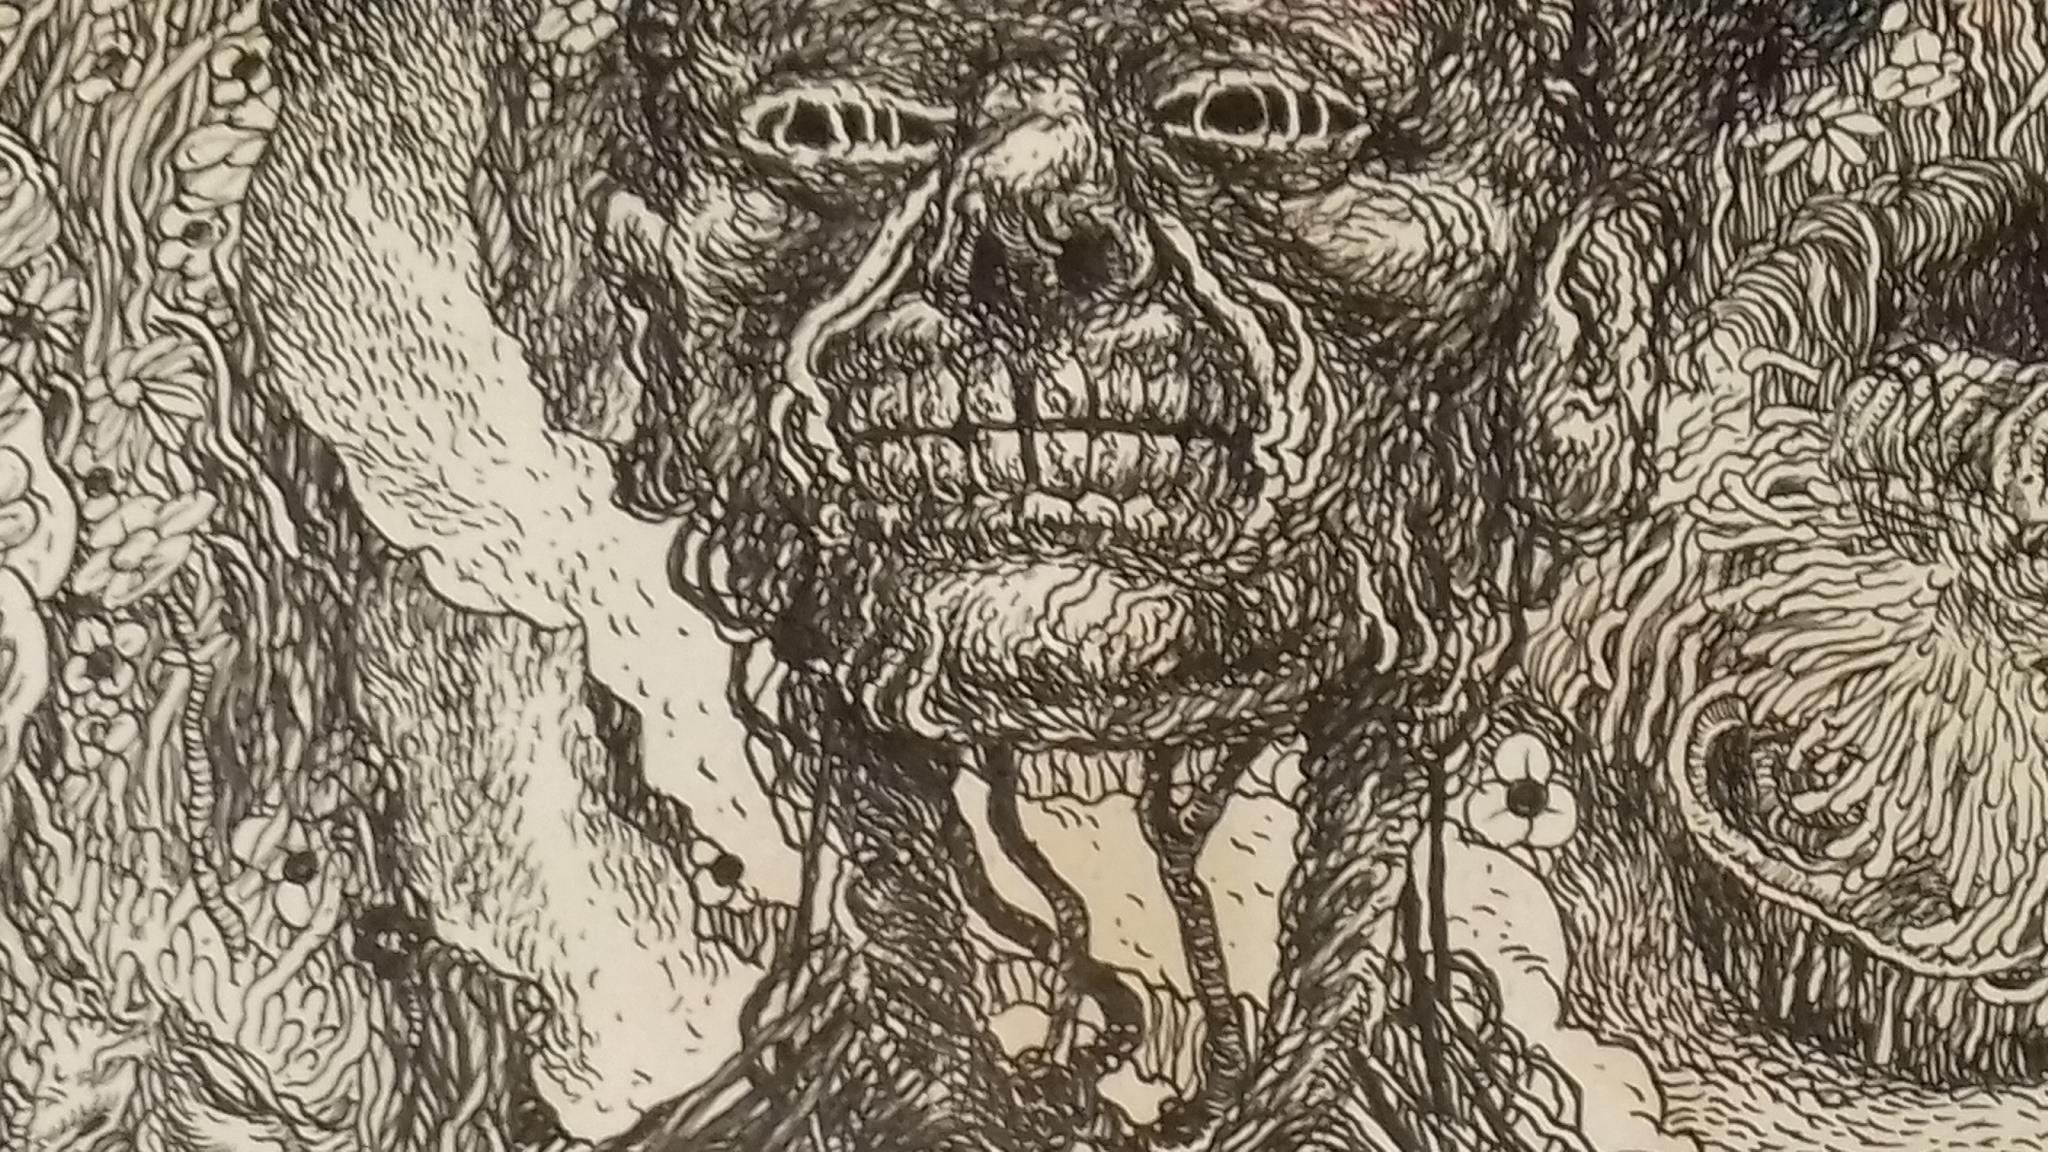 Ian Bertram, sketchbook